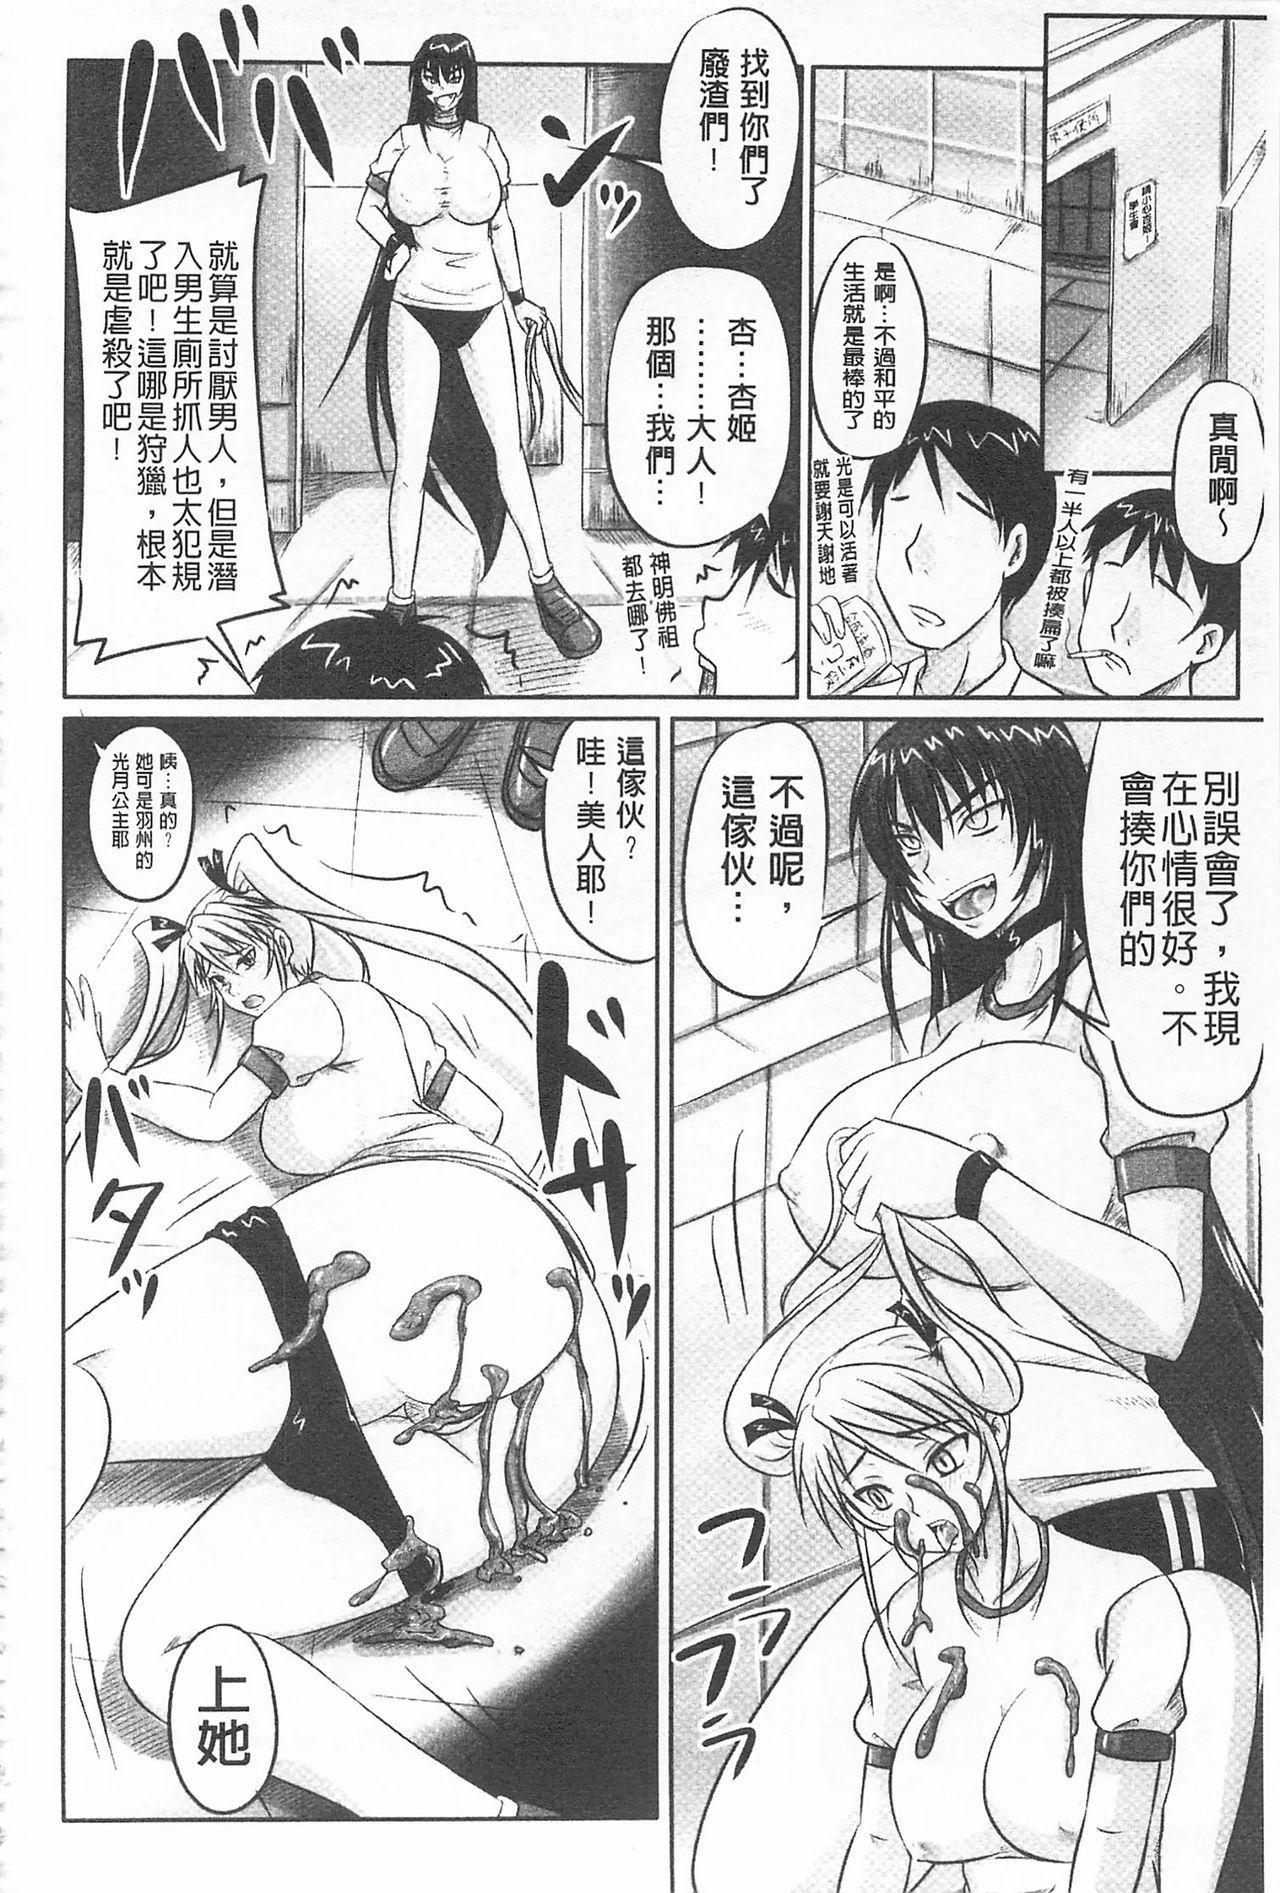 [Nozarashi Satoru] Do S na Hime wa Kegasareru -Inga no Shou- | 超S的公主被玷汙了 ~因果之章~ [Chinese] 80